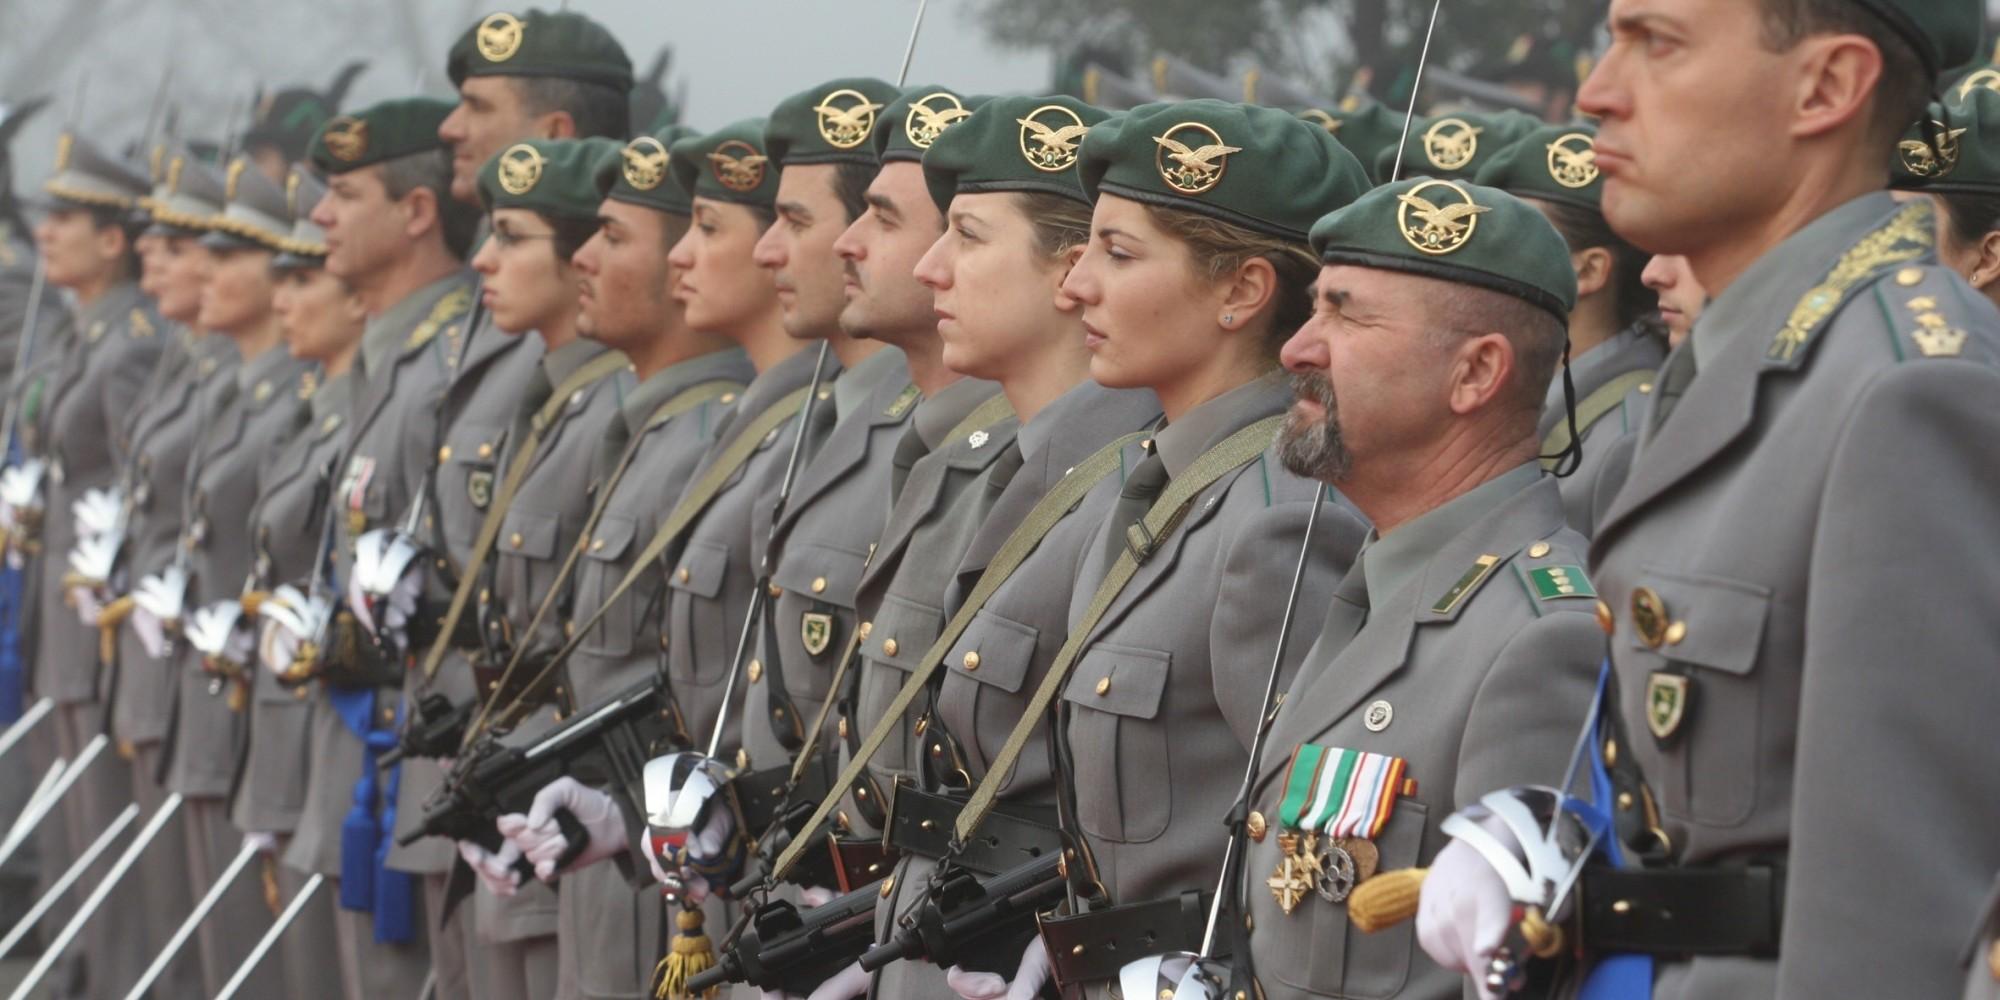 Addio al Corpo Forestale, dal 2017 circa 7mila agenti diventeranno carabinieri